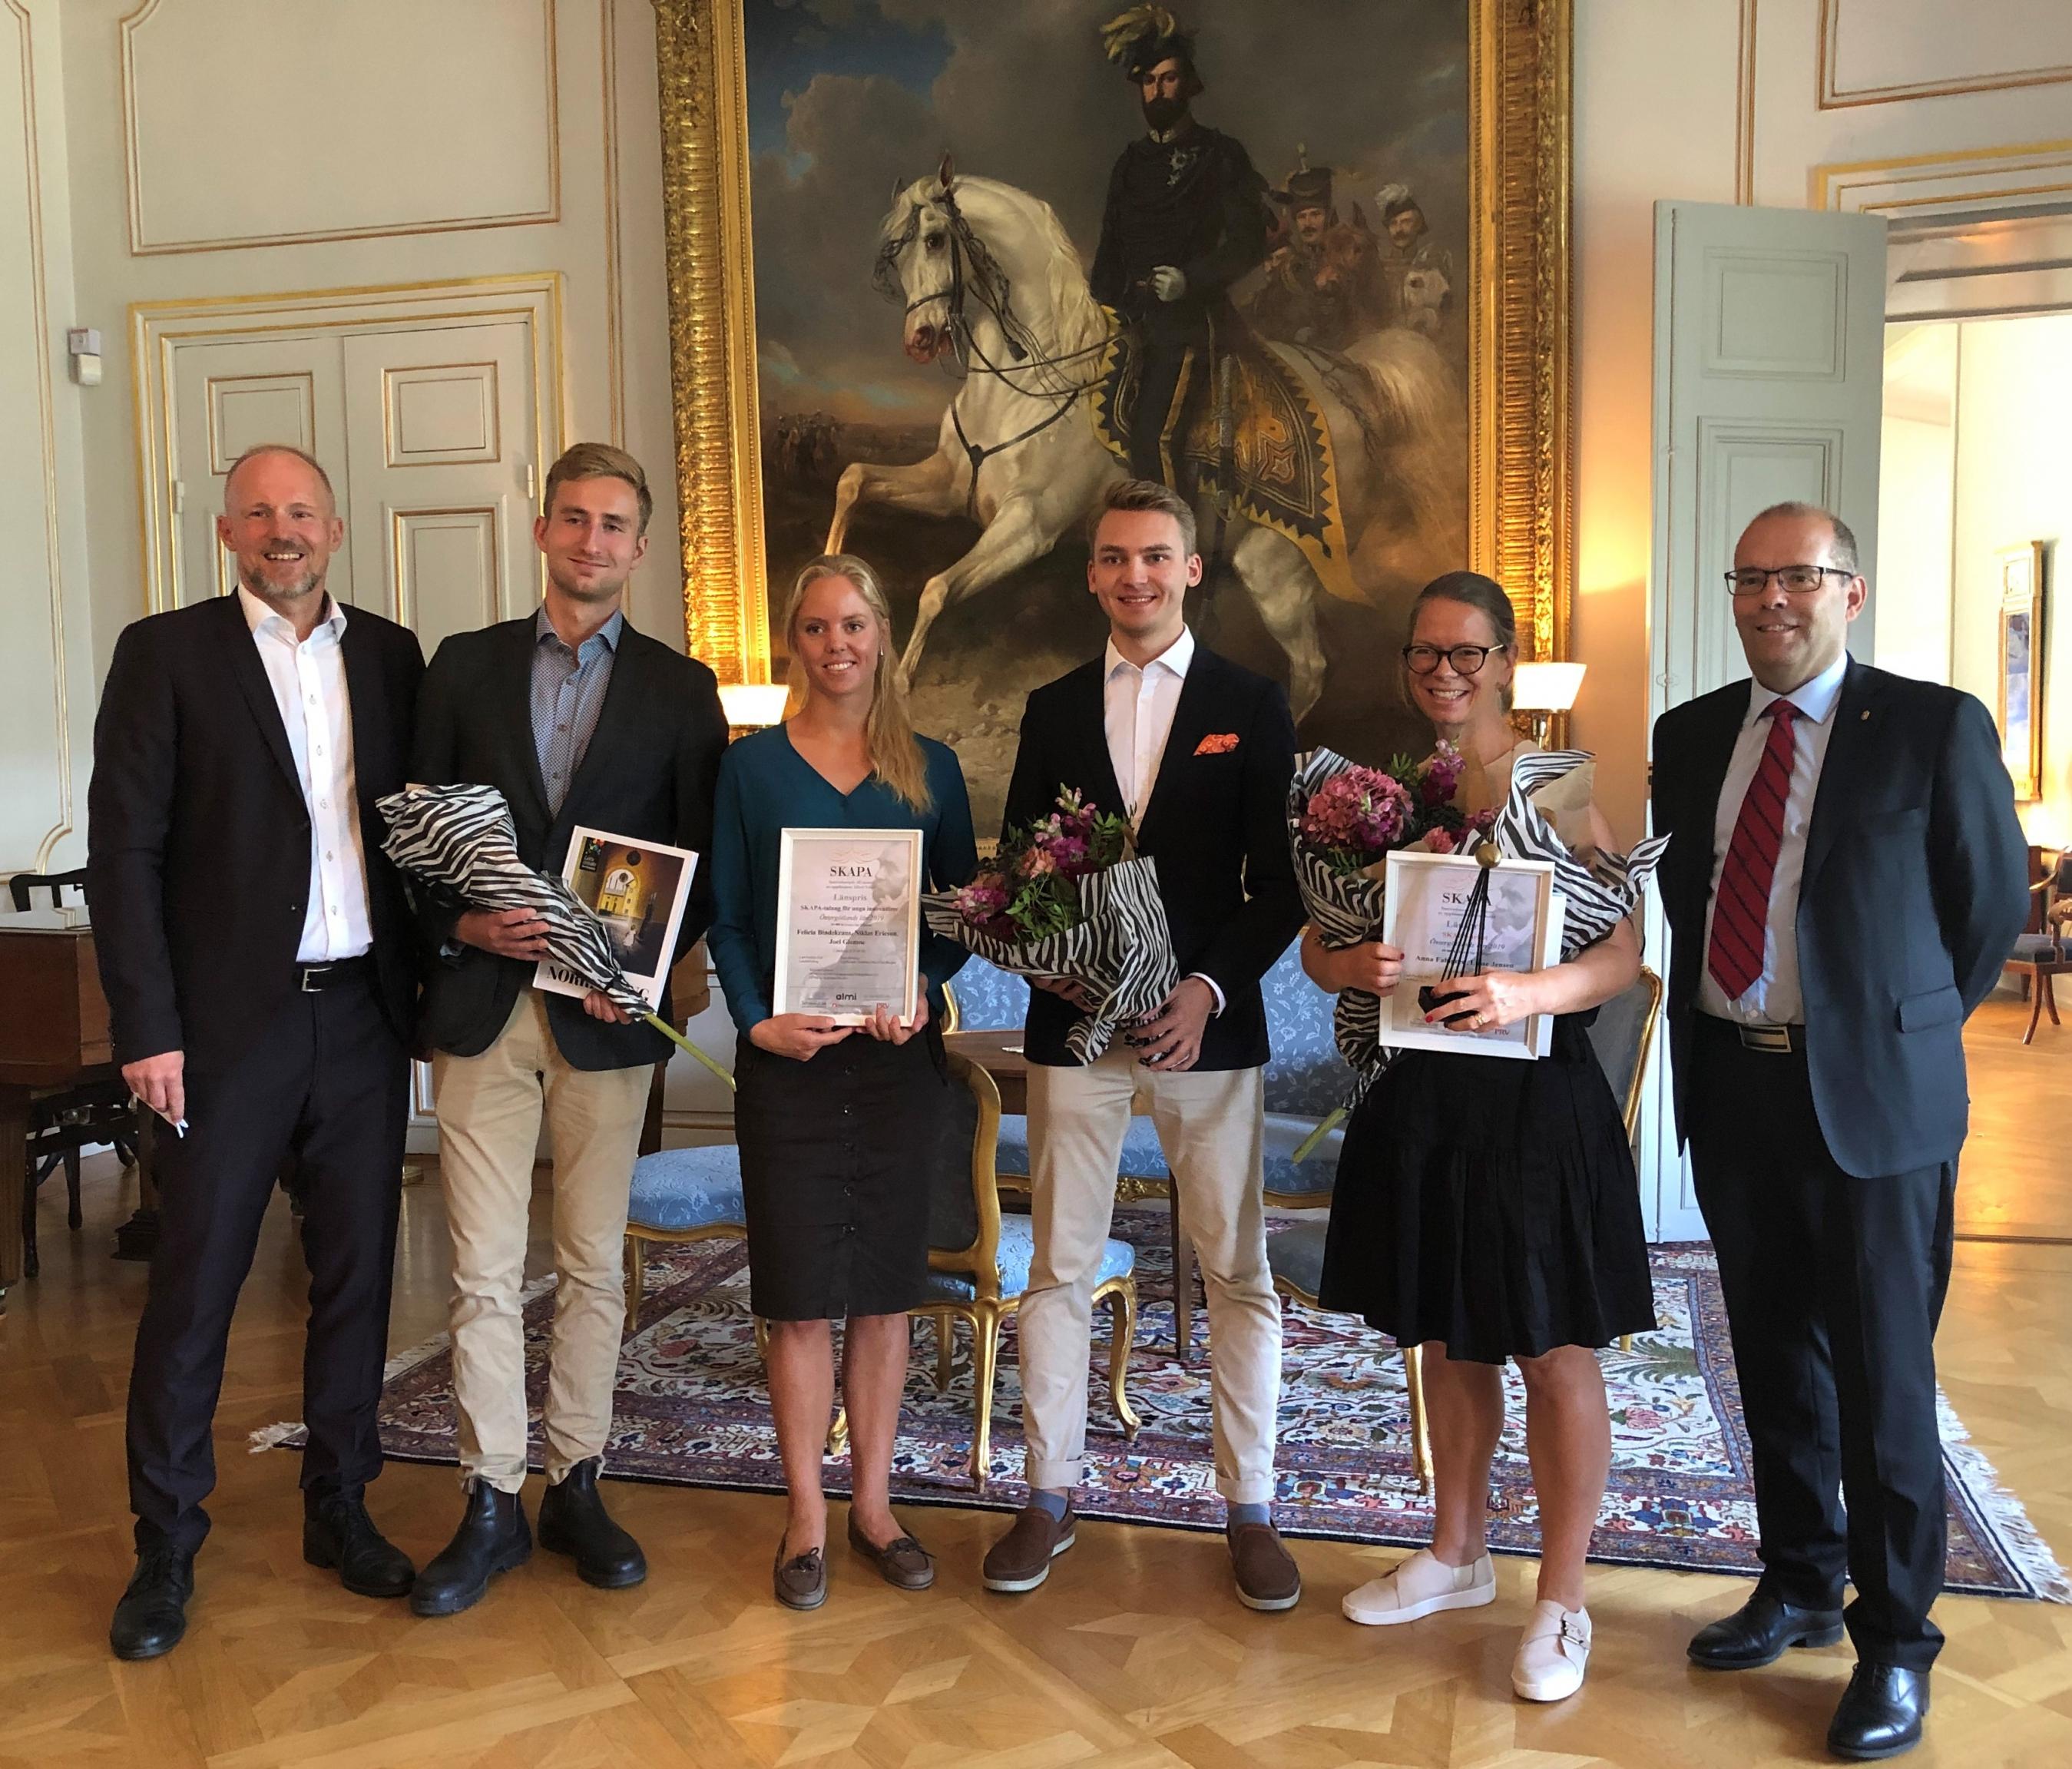 Länsvinnarna av Sveriges största innovationspris, SKAPA-priset har utsetts i Östergötland Foto: Sofia Persson